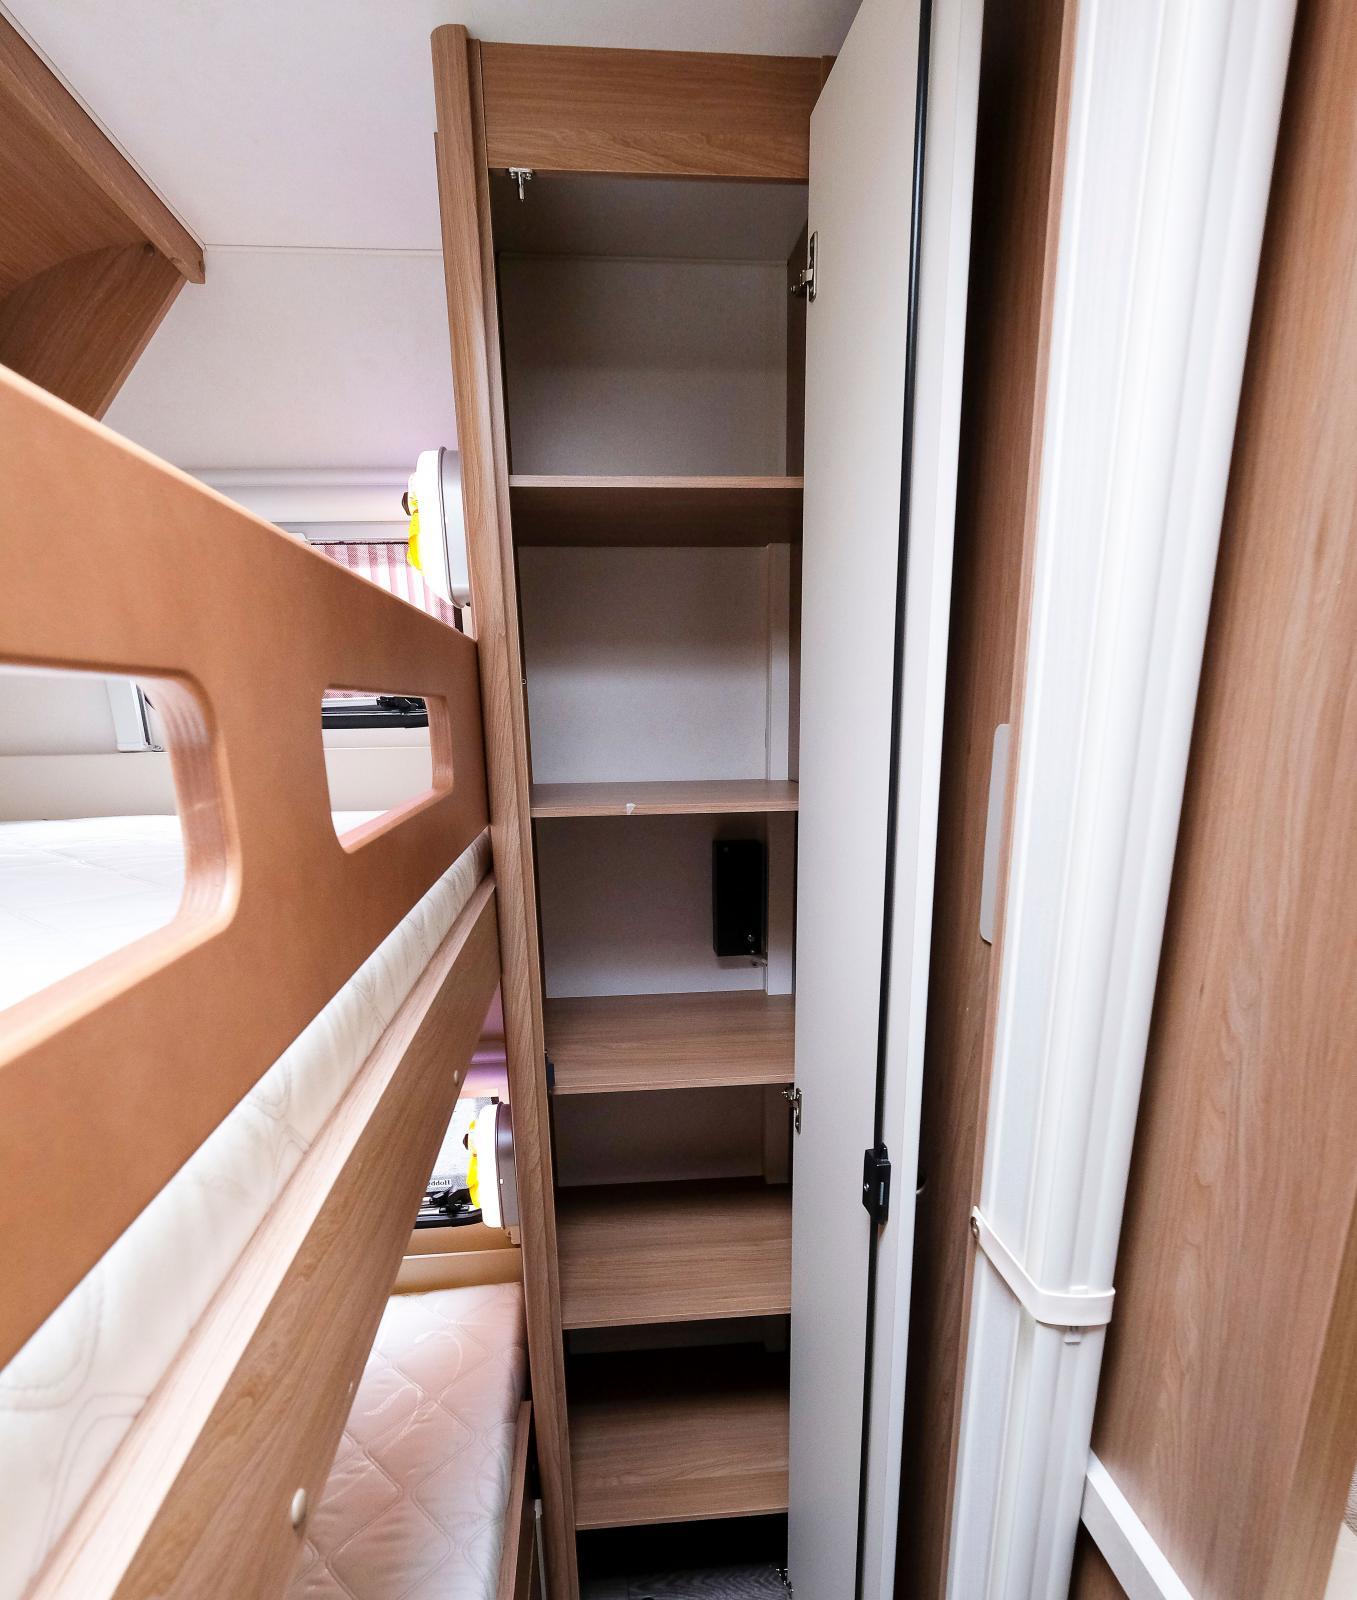 I barnkammaren, som kan avskärmas, finns två garderober.